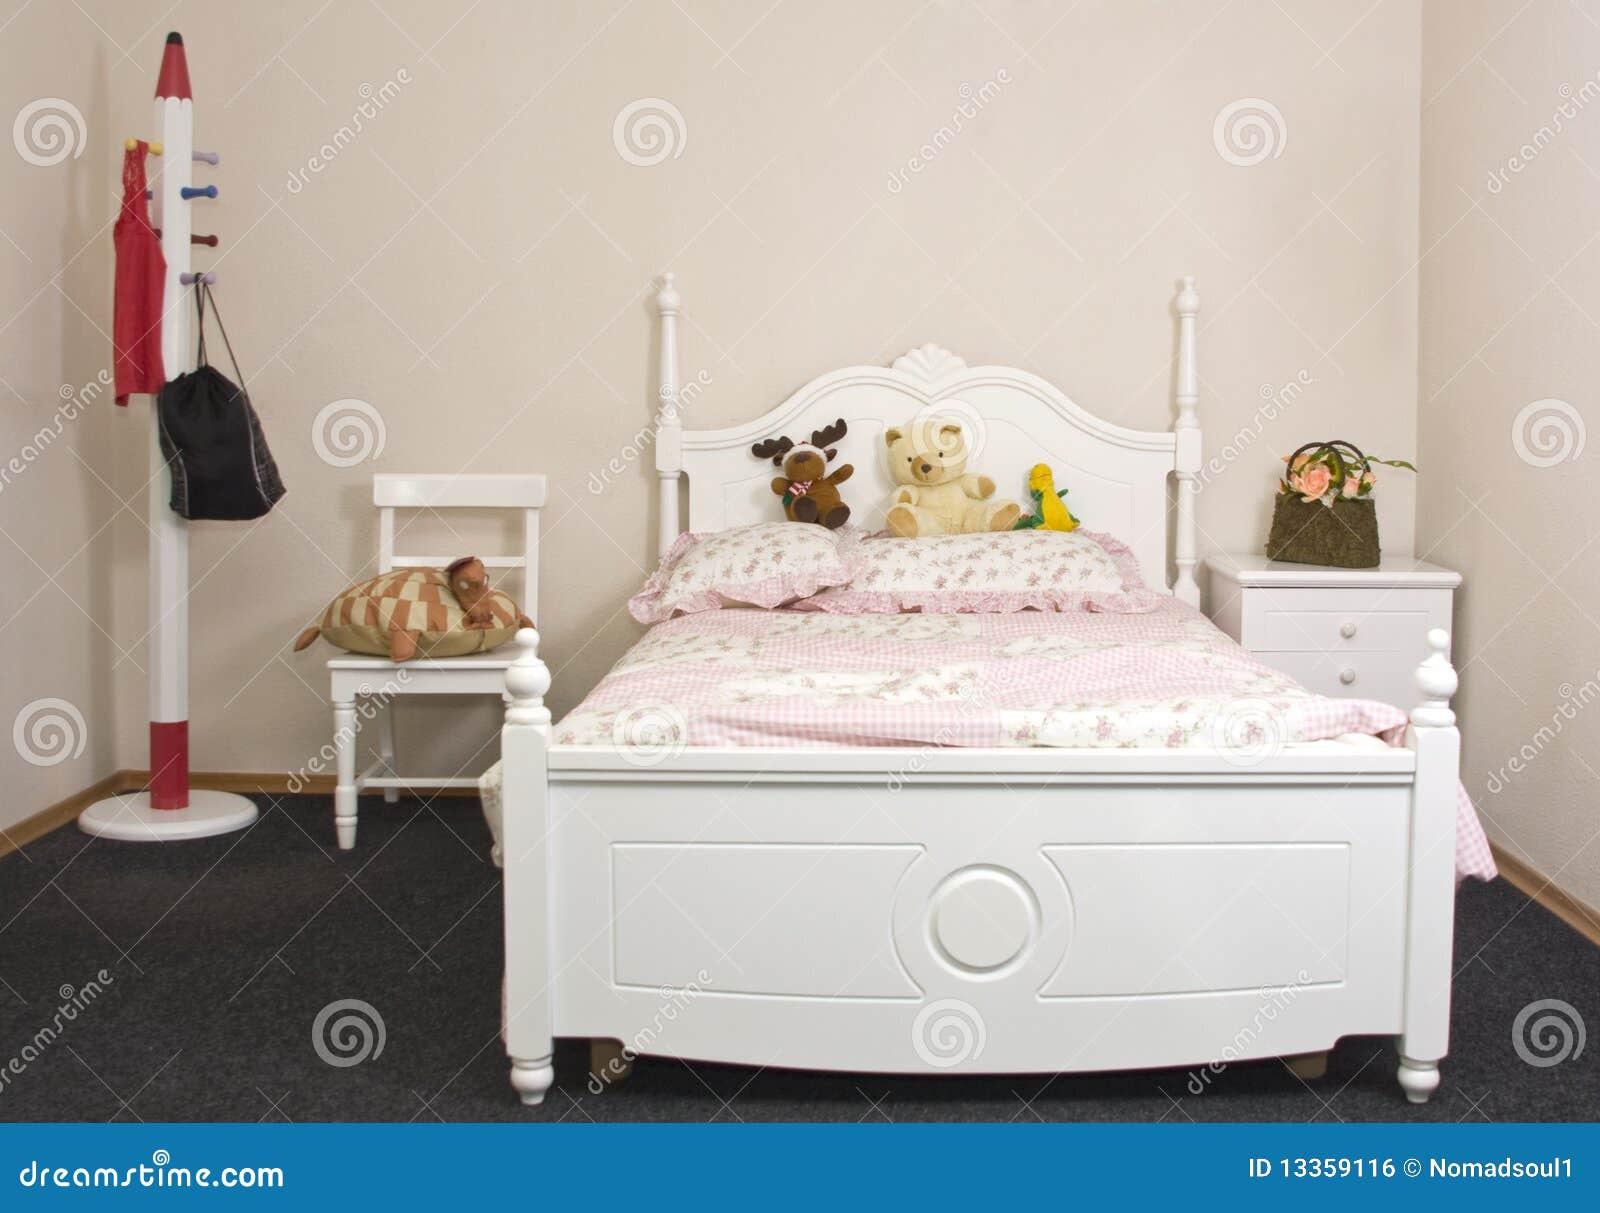 De slaapkamer van de tiener royalty vrije stock afbeelding afbeelding 13359116 - Baby meisje slaapkamer foto ...